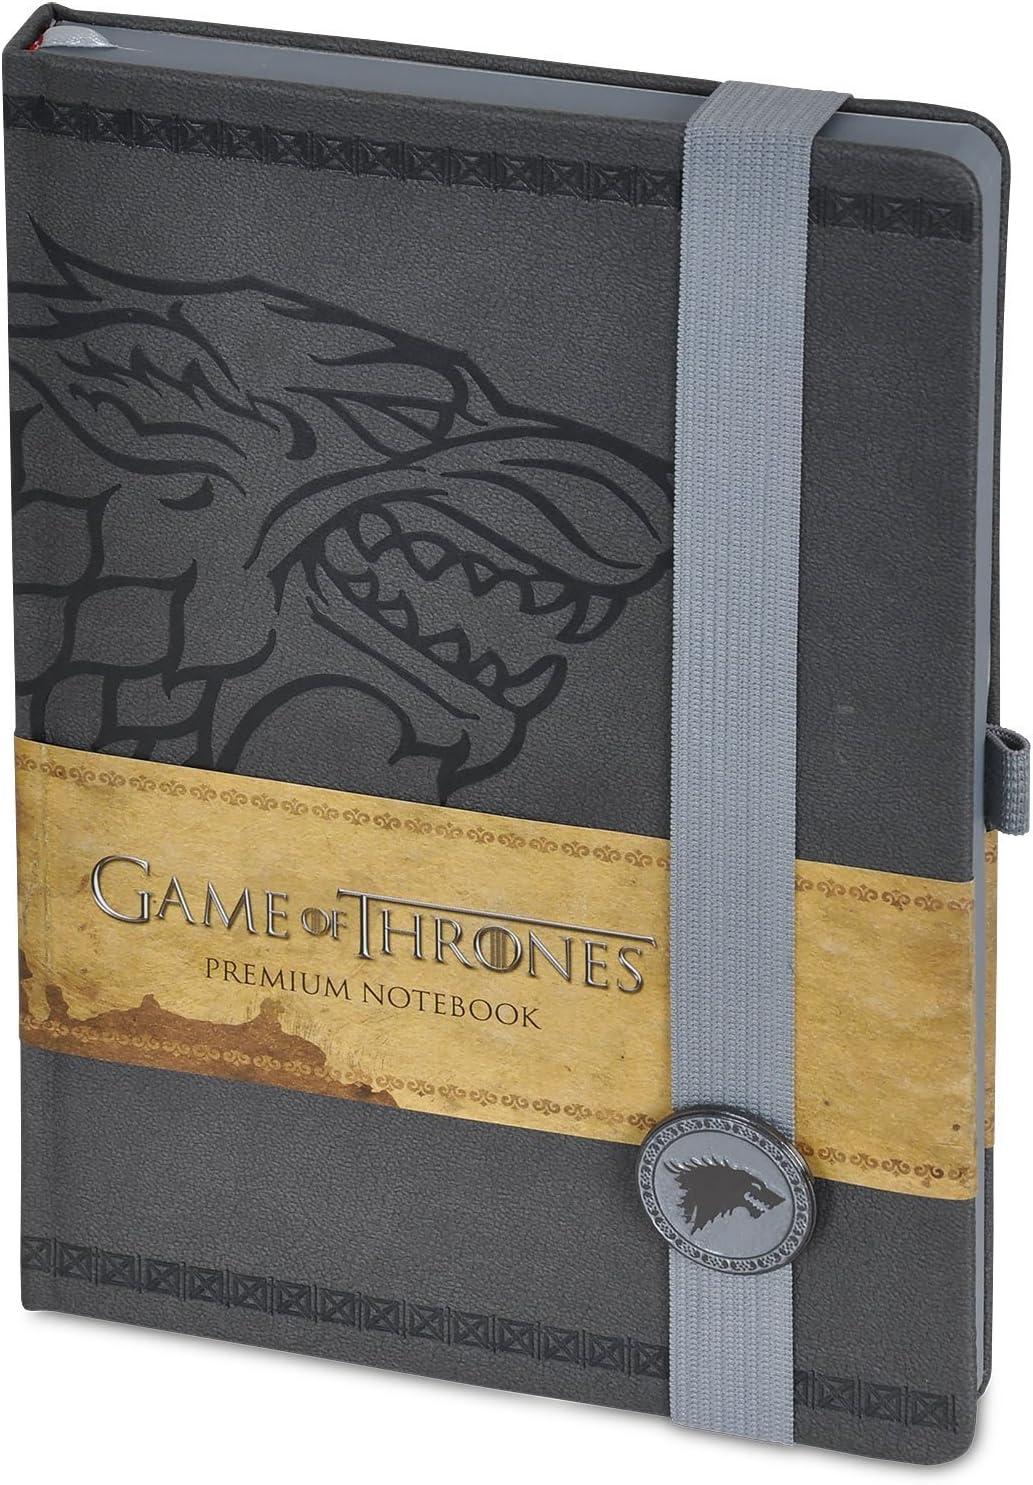 Juego de Tronos Stark Premium – cuaderno (15 x 21 cm): Amazon.es: Juguetes y juegos